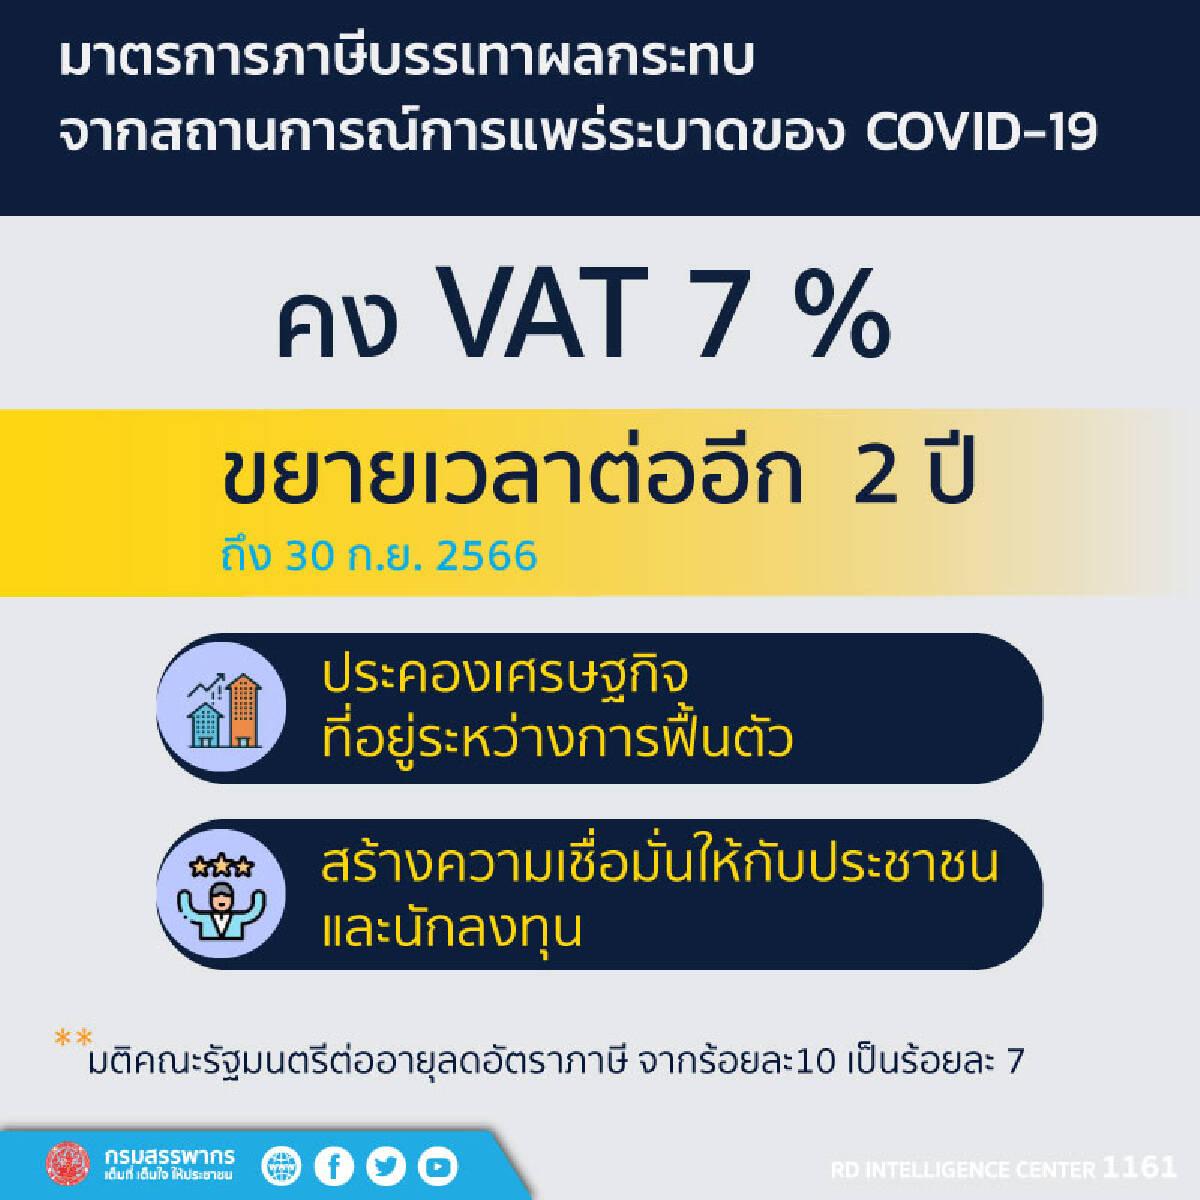 คลังขยายเวลาเก็บ VAT 7% ต่ออีก 2 ปี บรรเทาผลกระทบโควิด